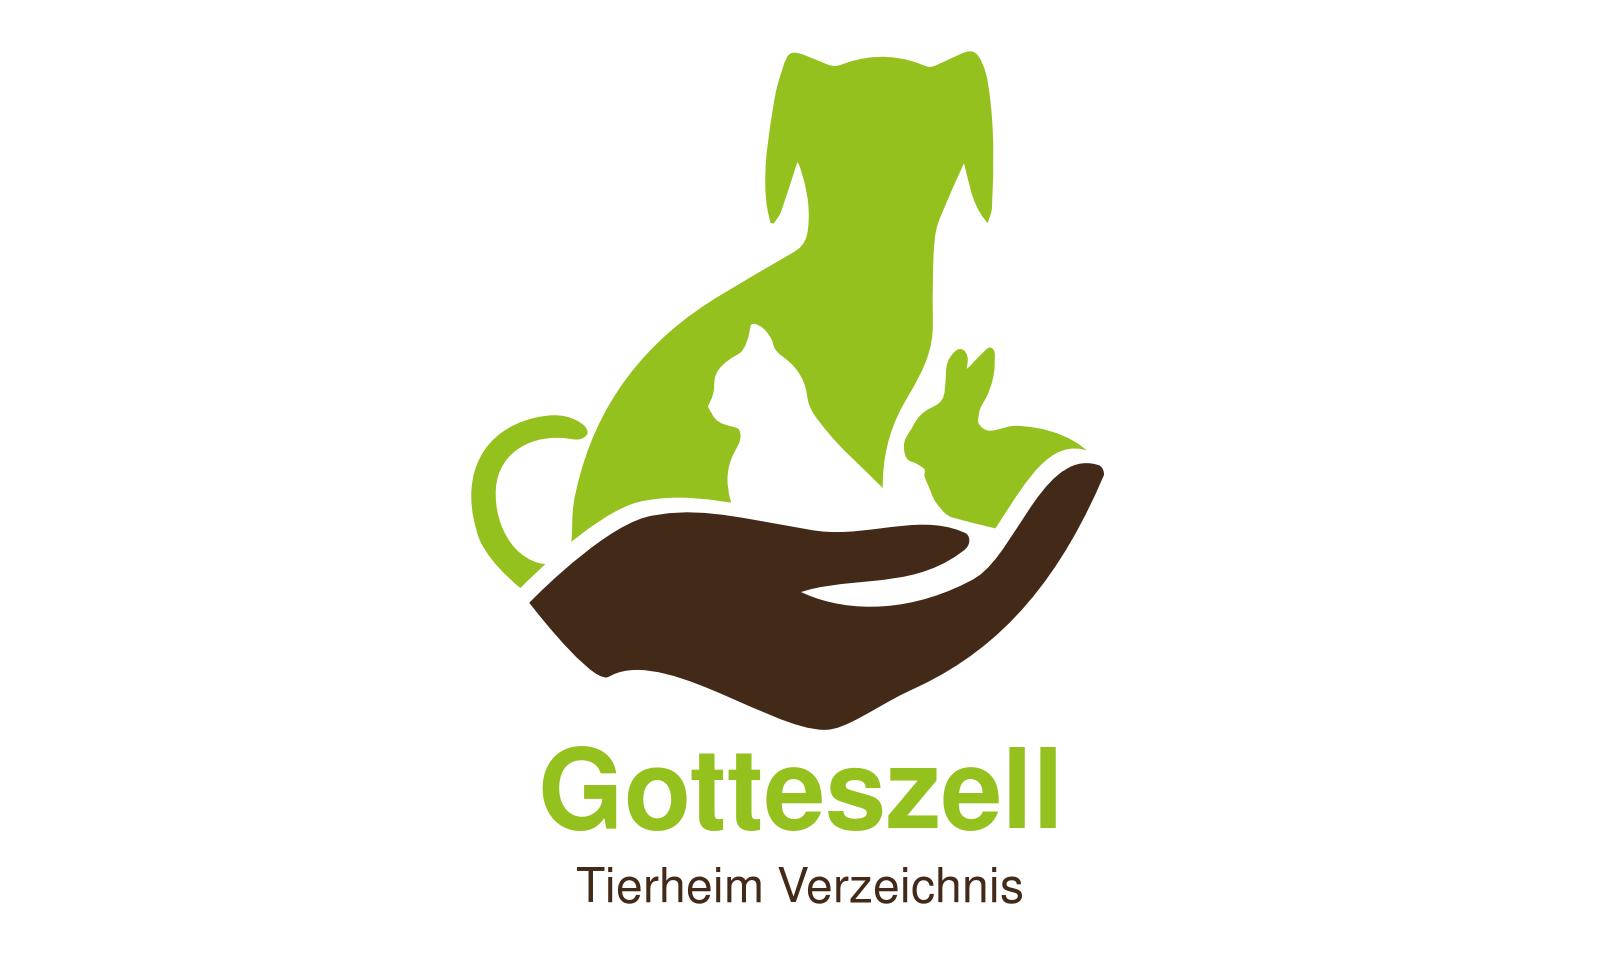 Tierheim Gotteszell